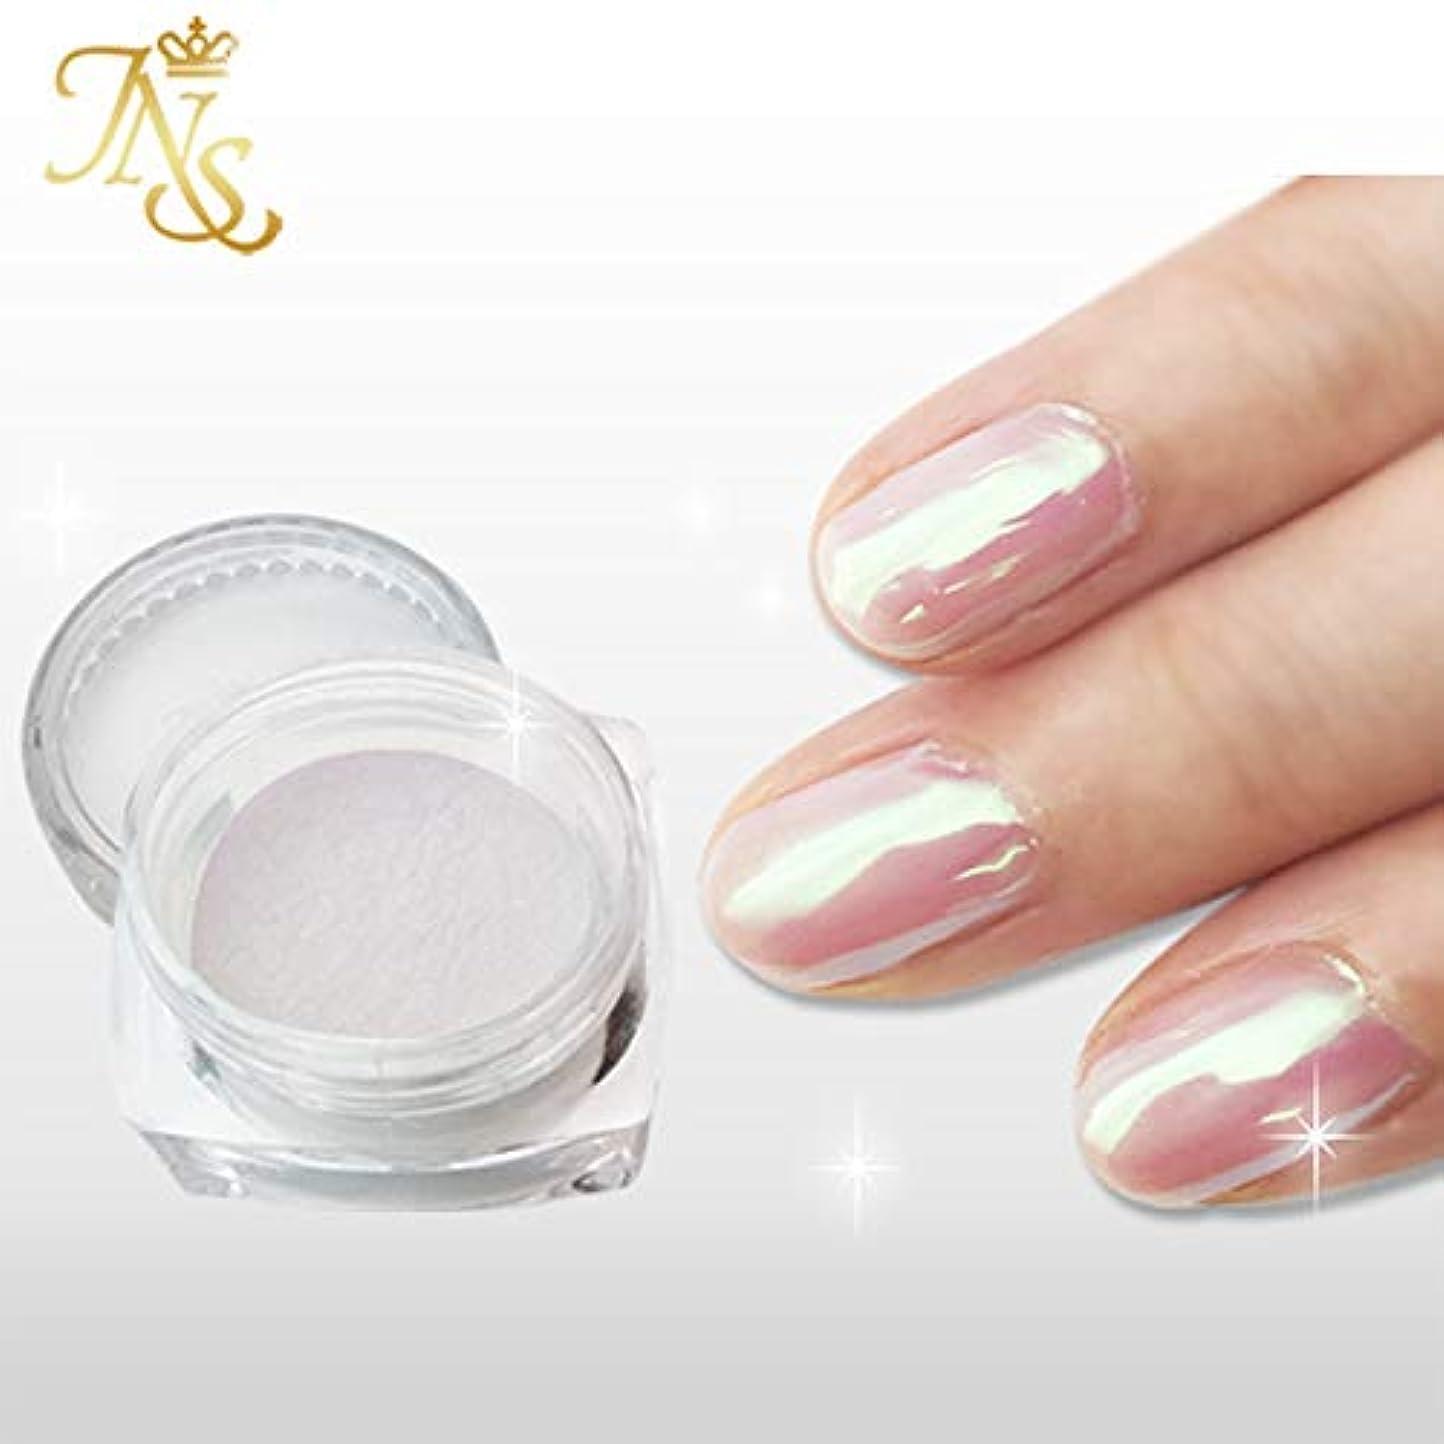 バン贅沢なスクランブルジャパンネイル オーロラシェルパウダー ピンク真珠